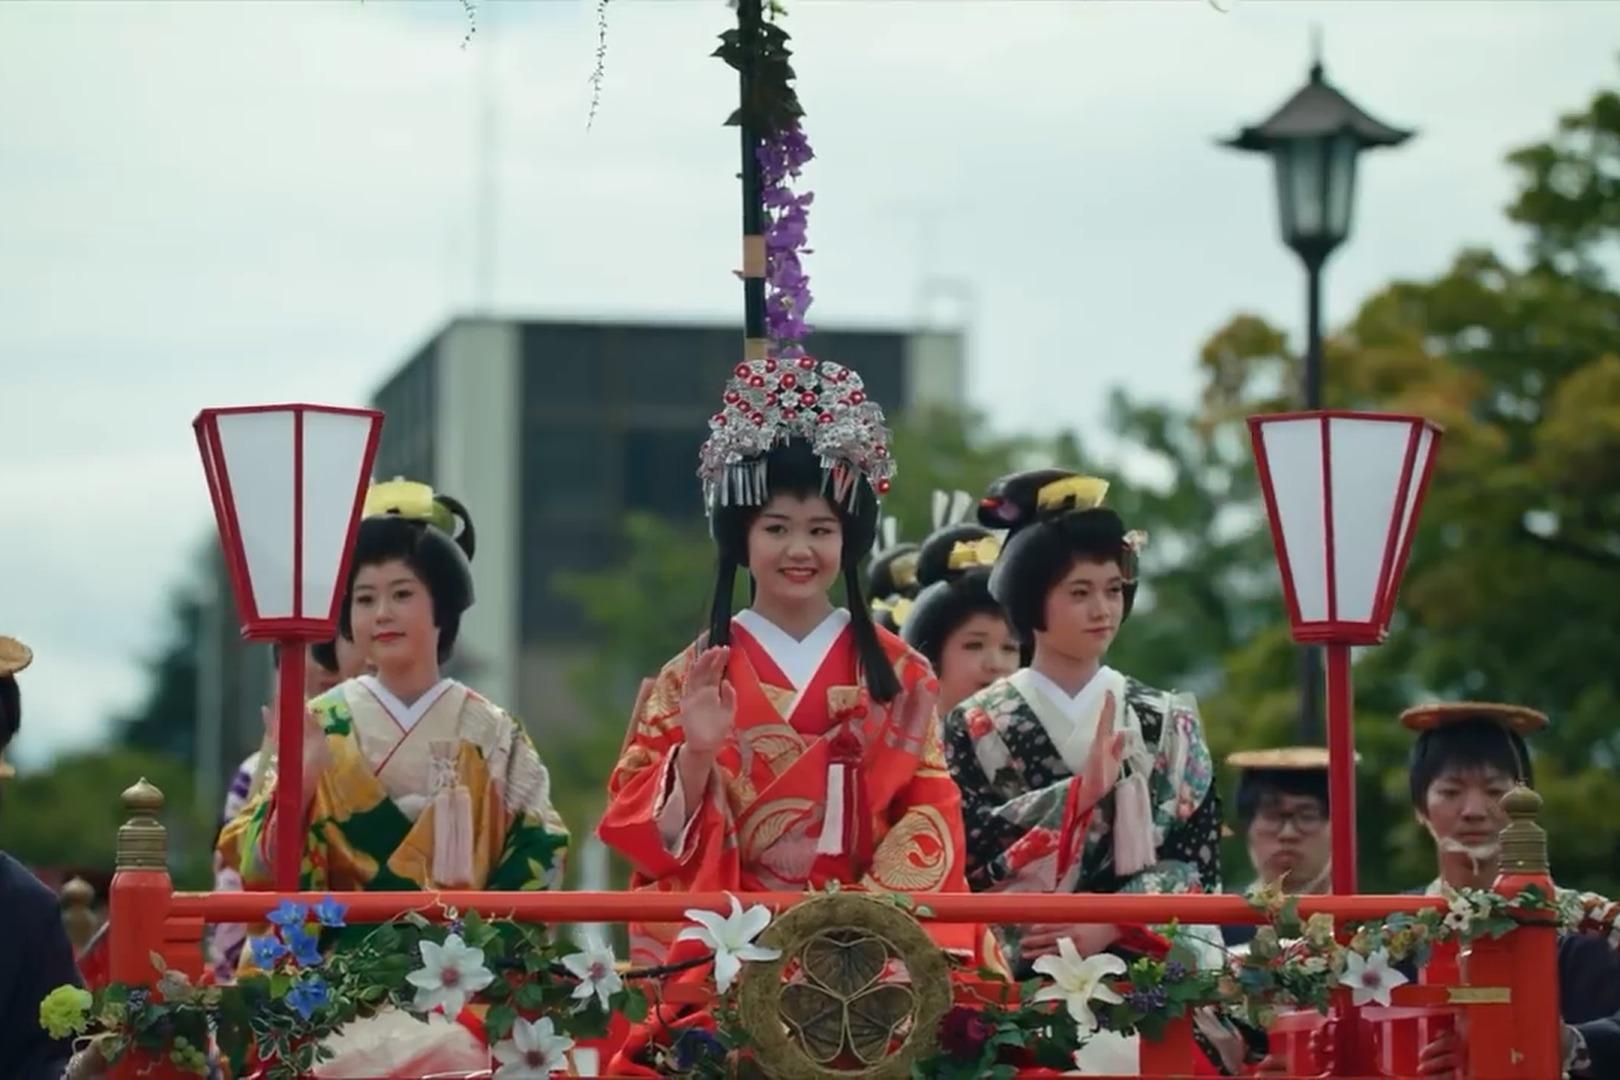 日本旅游宣传片发现钻石之路,享受终极之旅